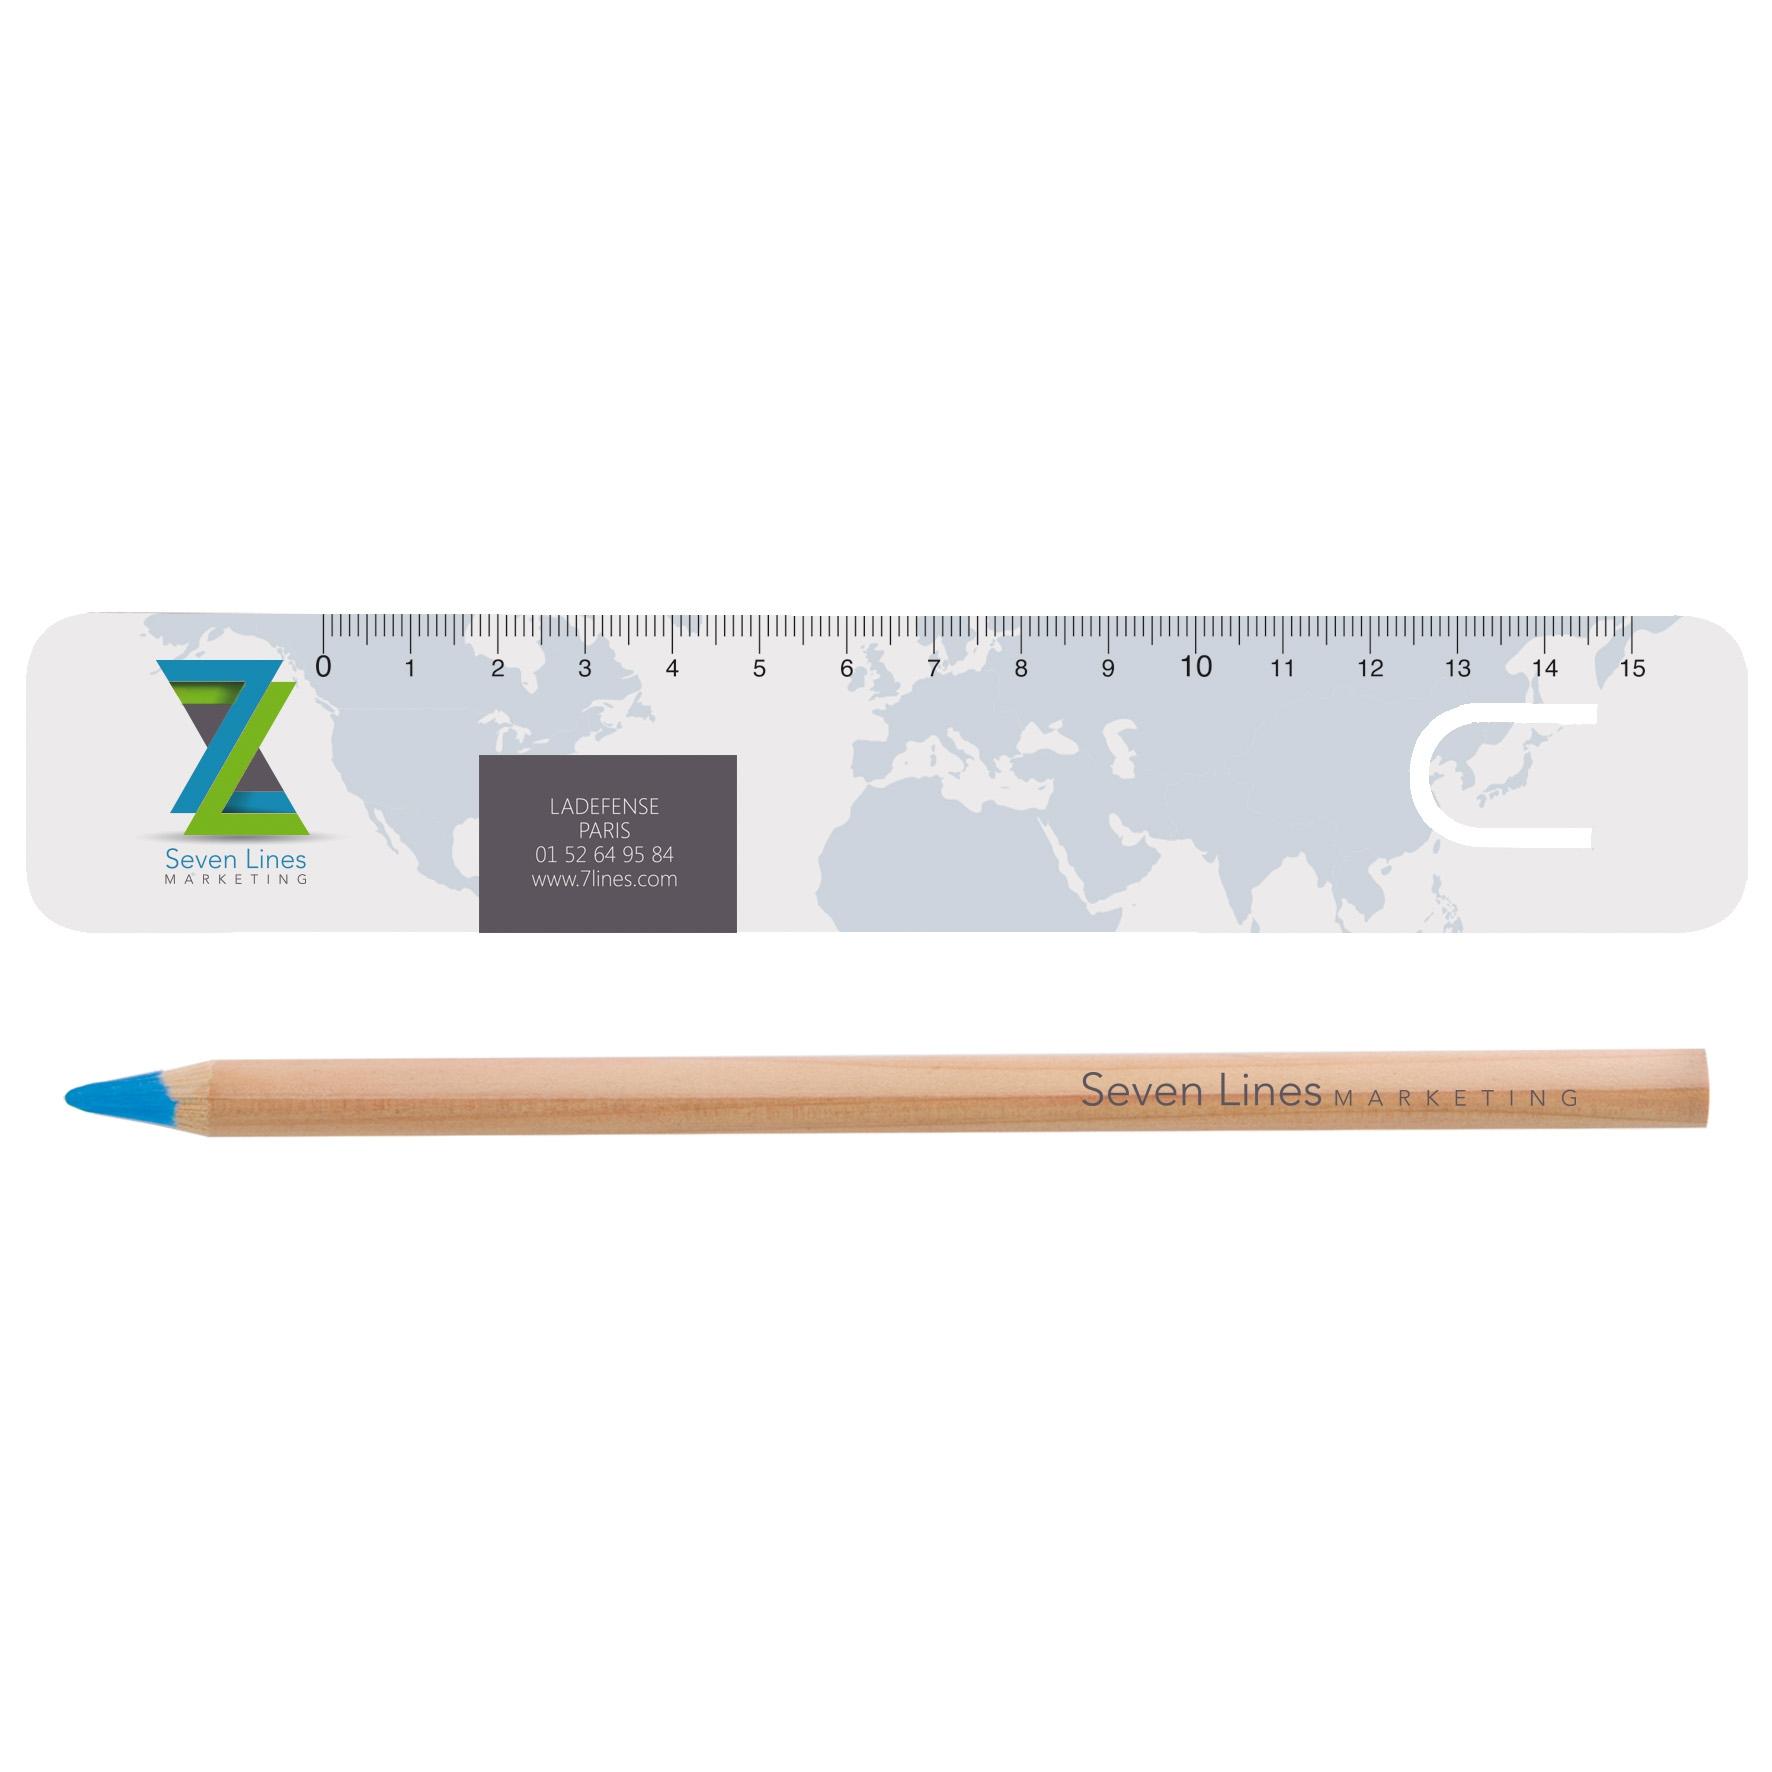 objet pub écolo - Marque-page-règle 15 cm et surligneur fluo écolo kit Bureau naturel